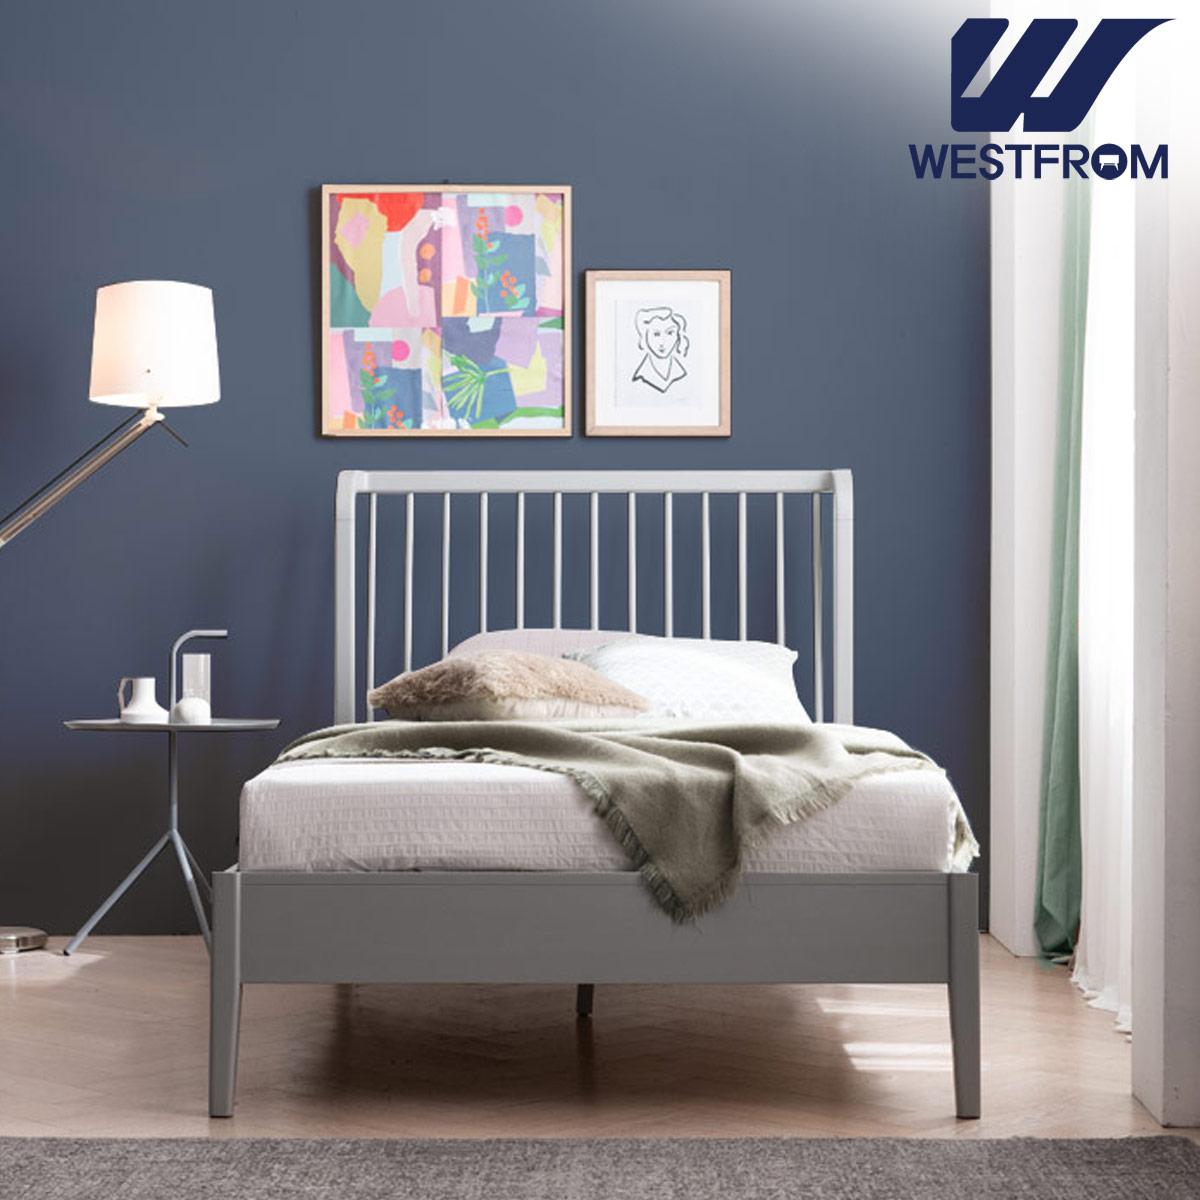 [웨스트프롬] 모던 잉그리드) 원목 평상형 침대(SS) / 클라우드 Top F5 SS 매트리스